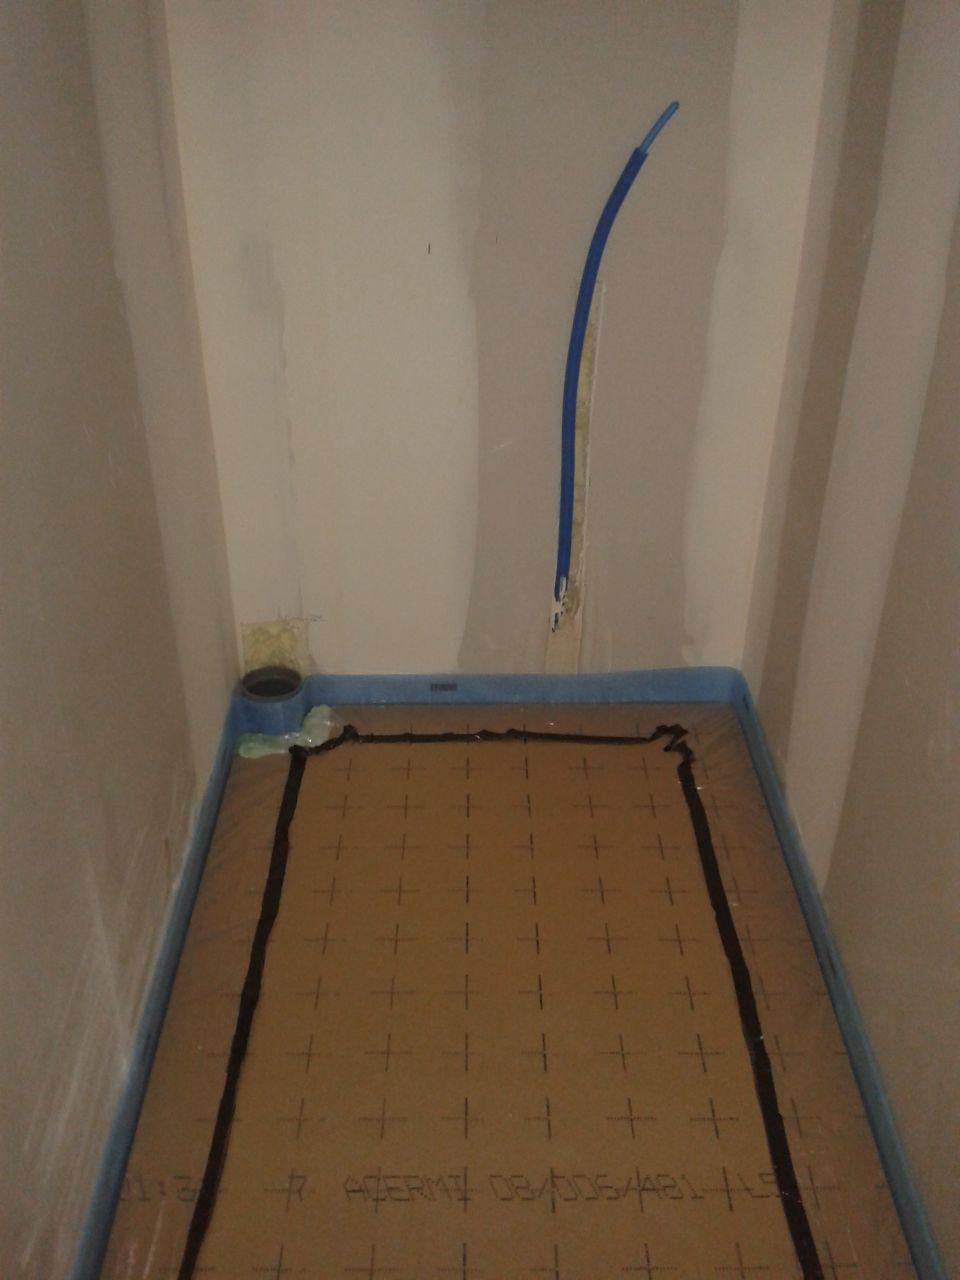 Fin du placo electricit tout est pr t pour couler la for Quel sable pour chape